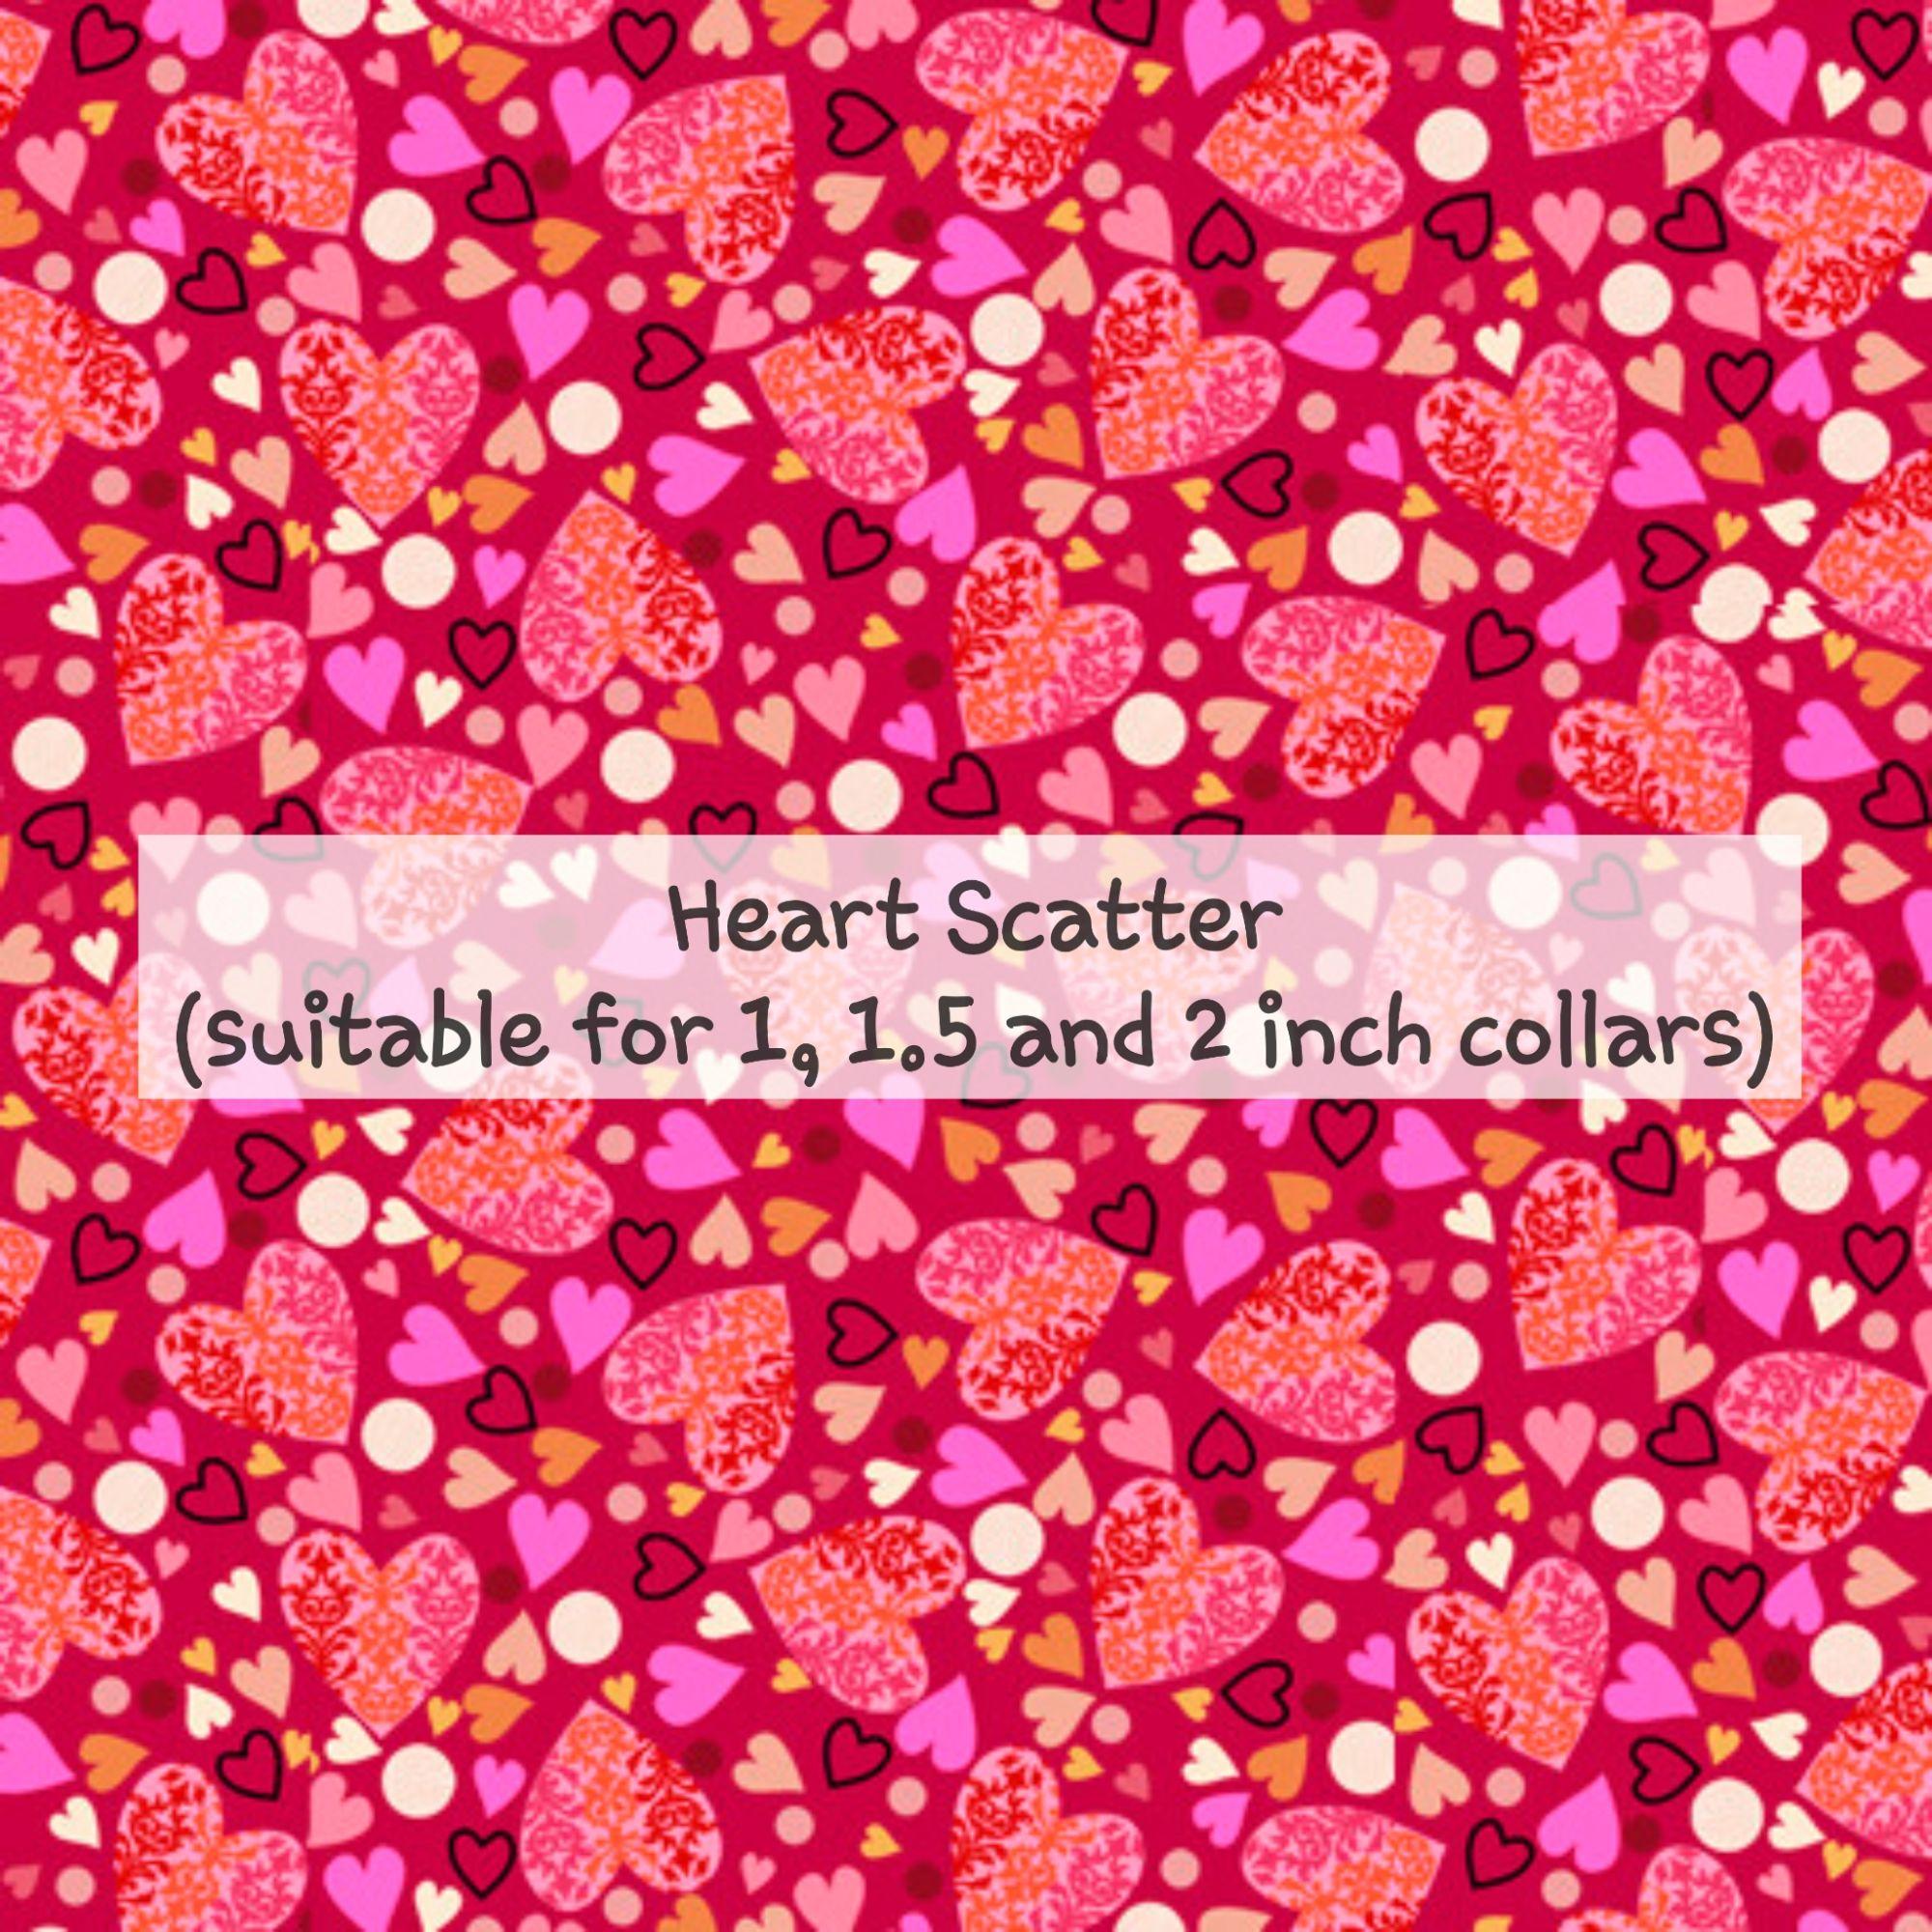 Heart Scatter